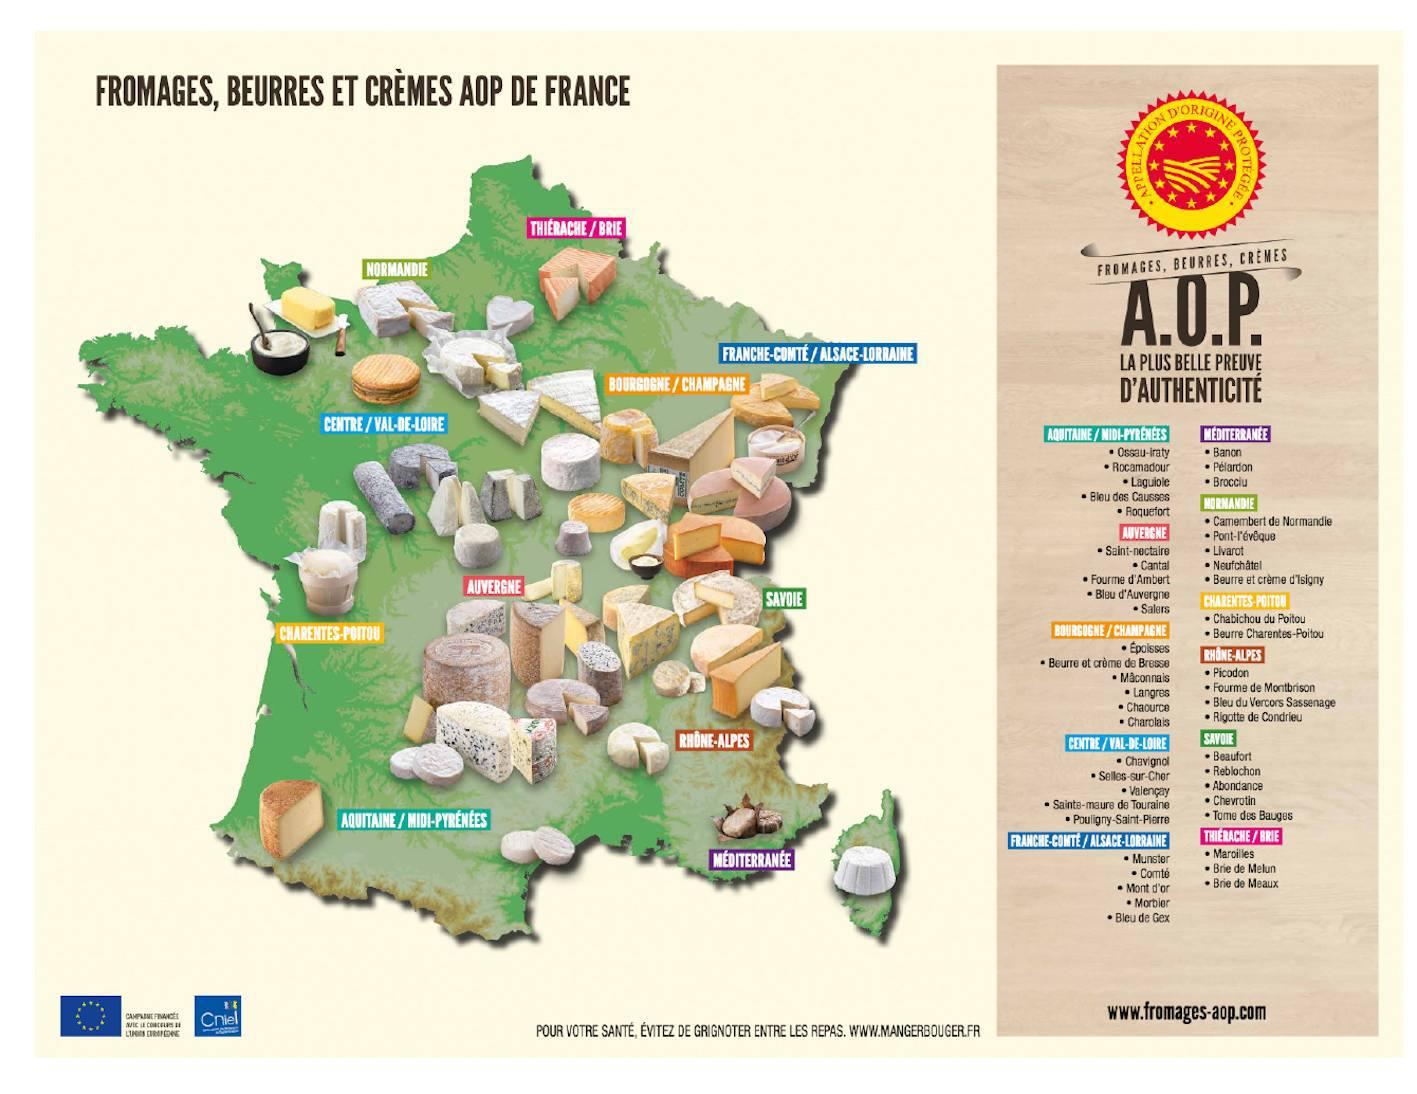 Fromages cremes et beurre AOP de France